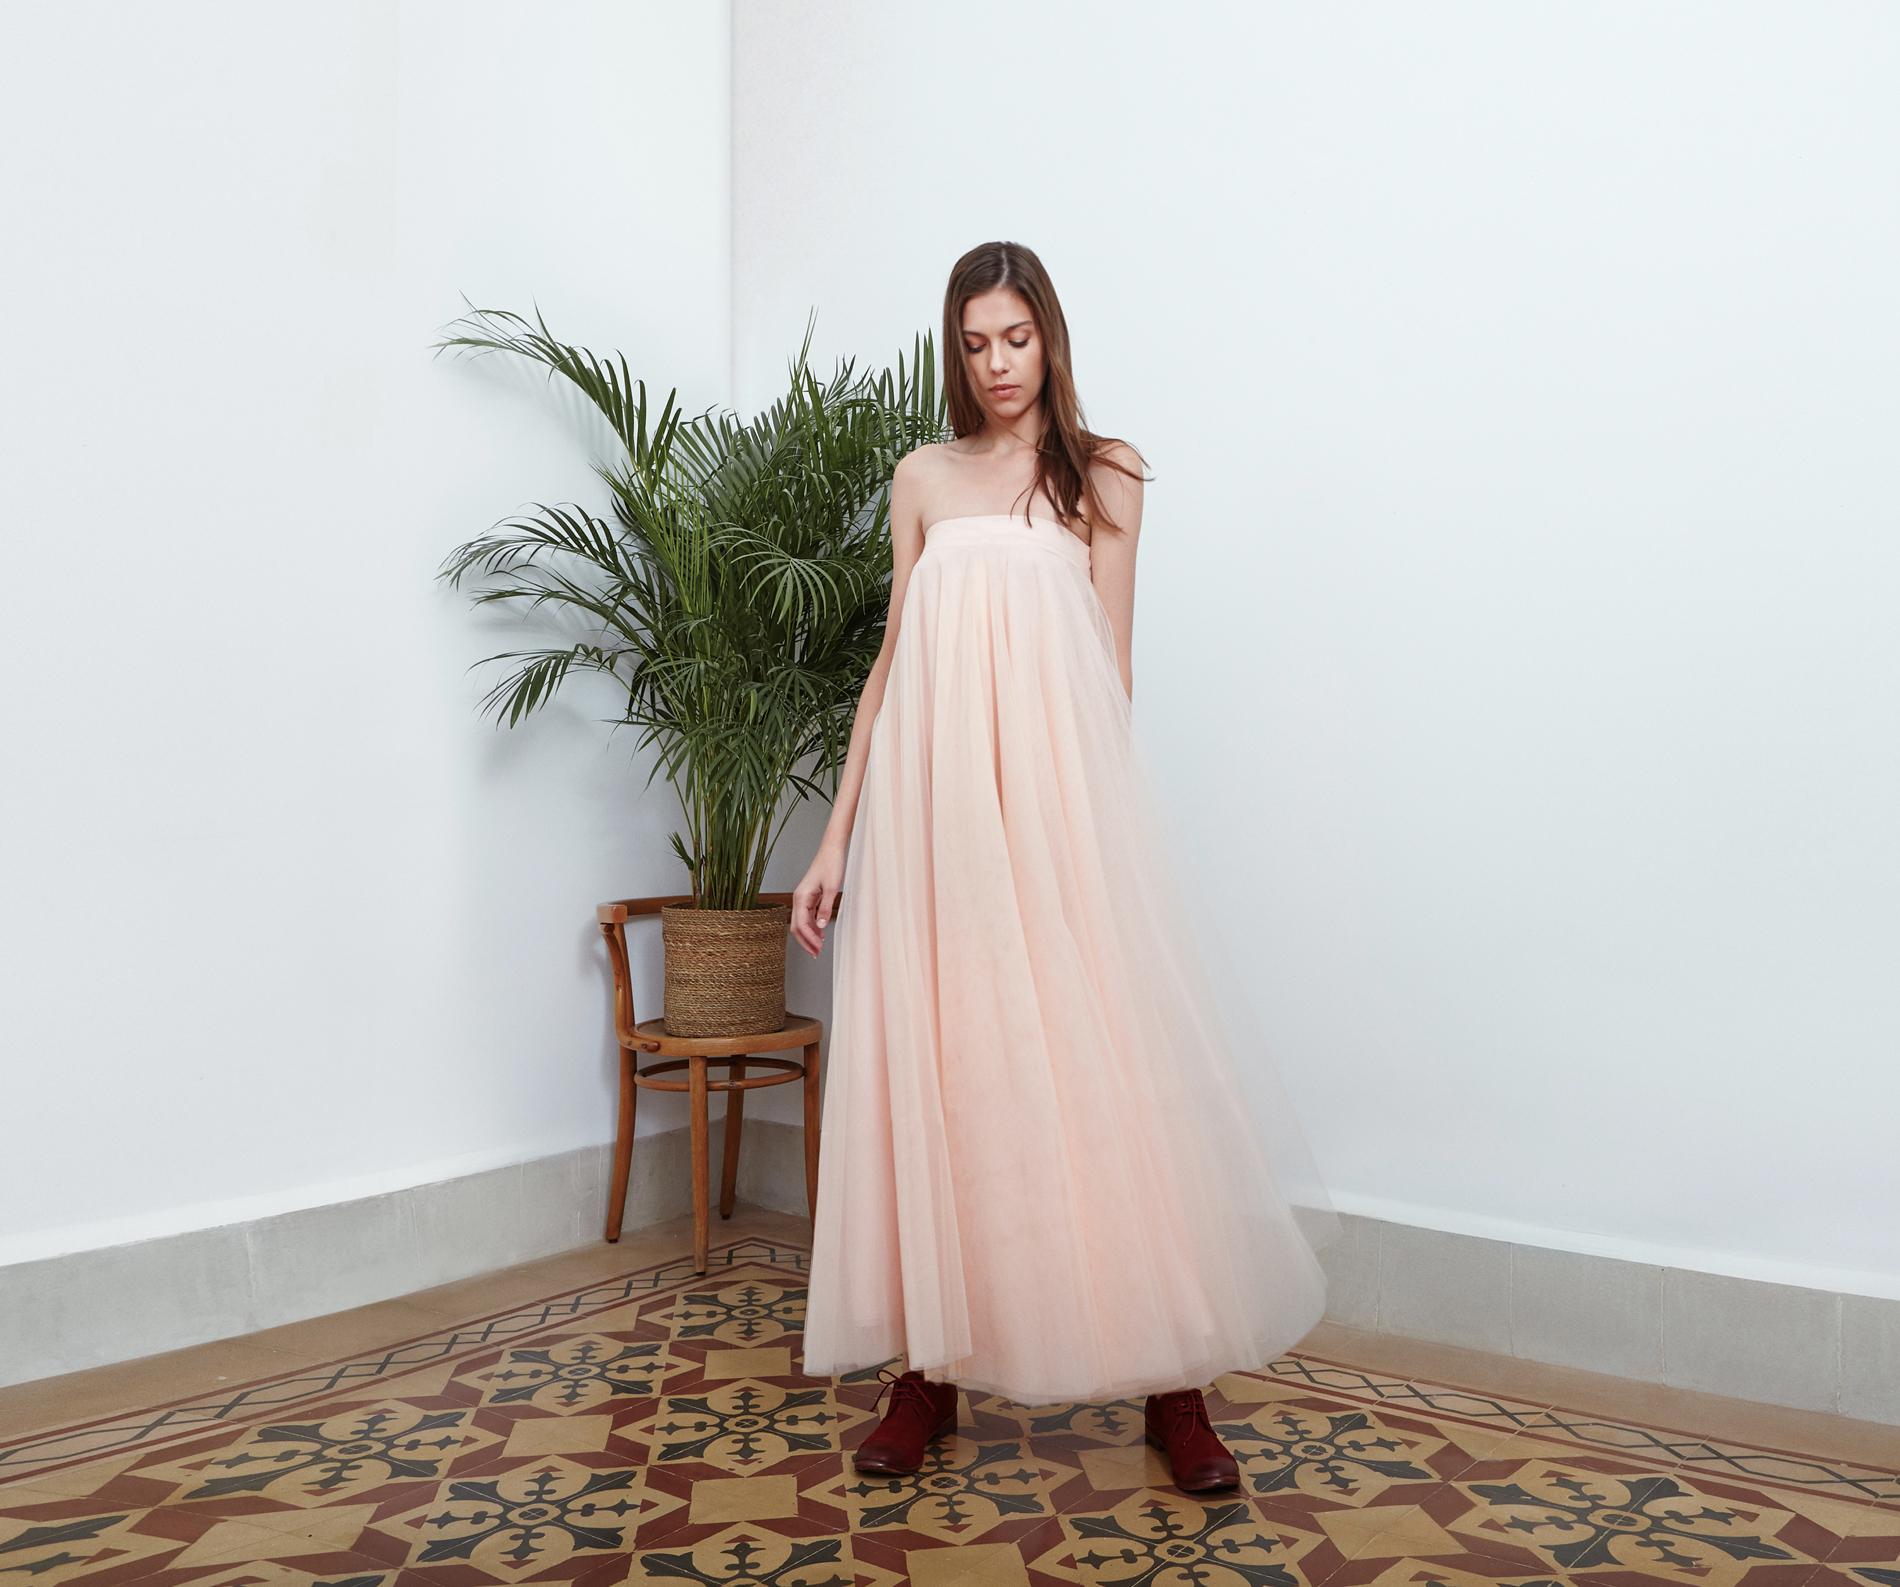 Lara Khoury | Eudemonia Spring 2019 | look 3-2 | Strapless Pastel-Pink Tulle Dress.jpg